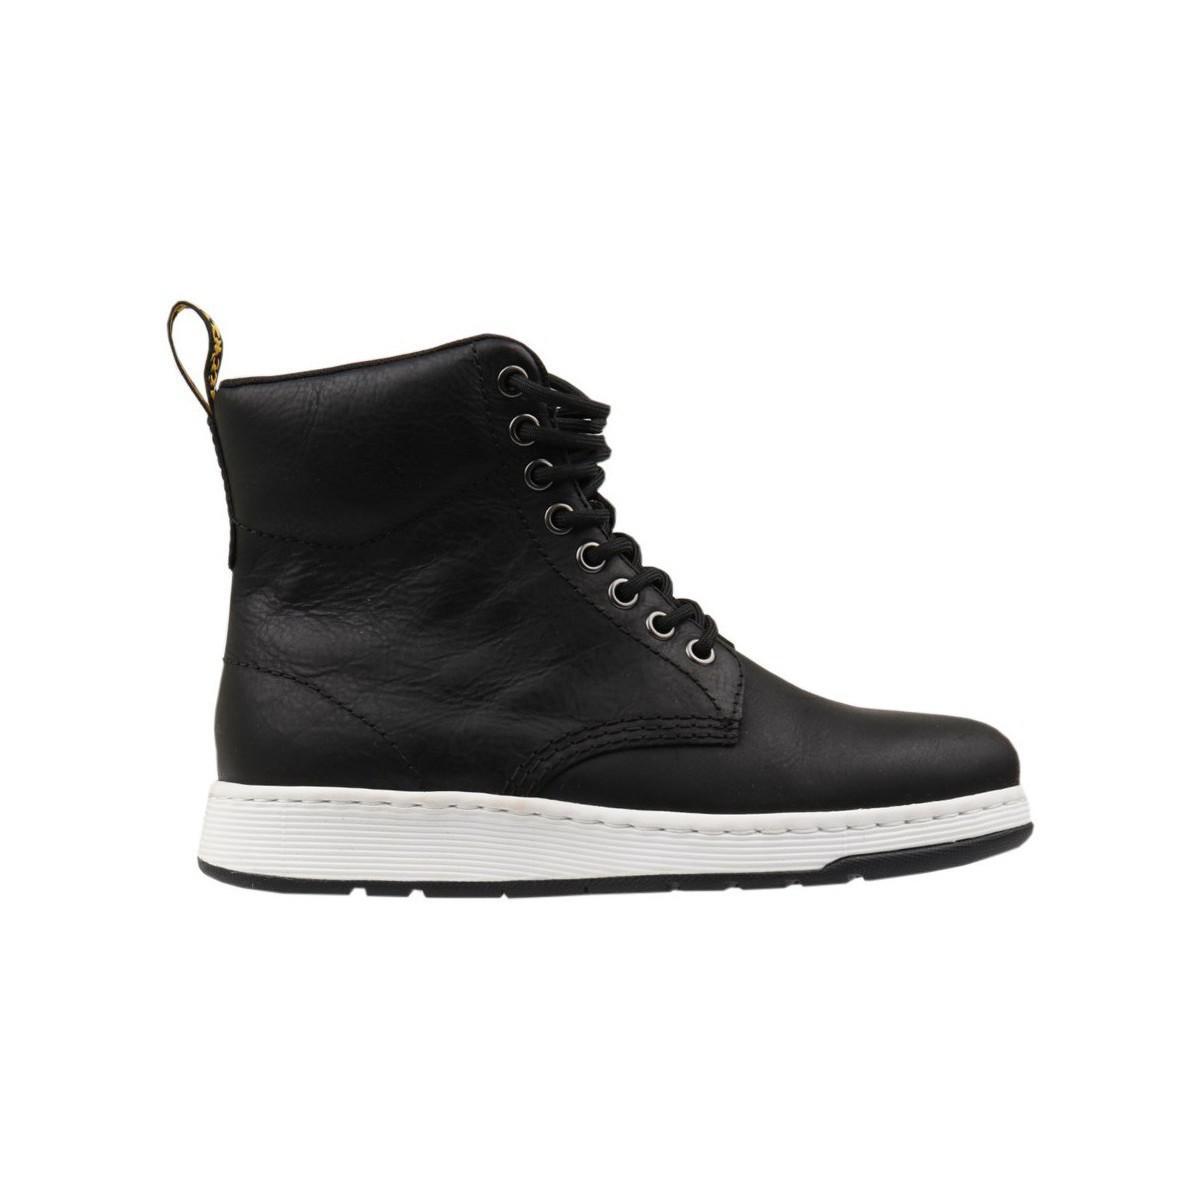 d6745db78da Dr. Martens Rigal Black Carpathian Men s Shoes (high-top Trainers ...